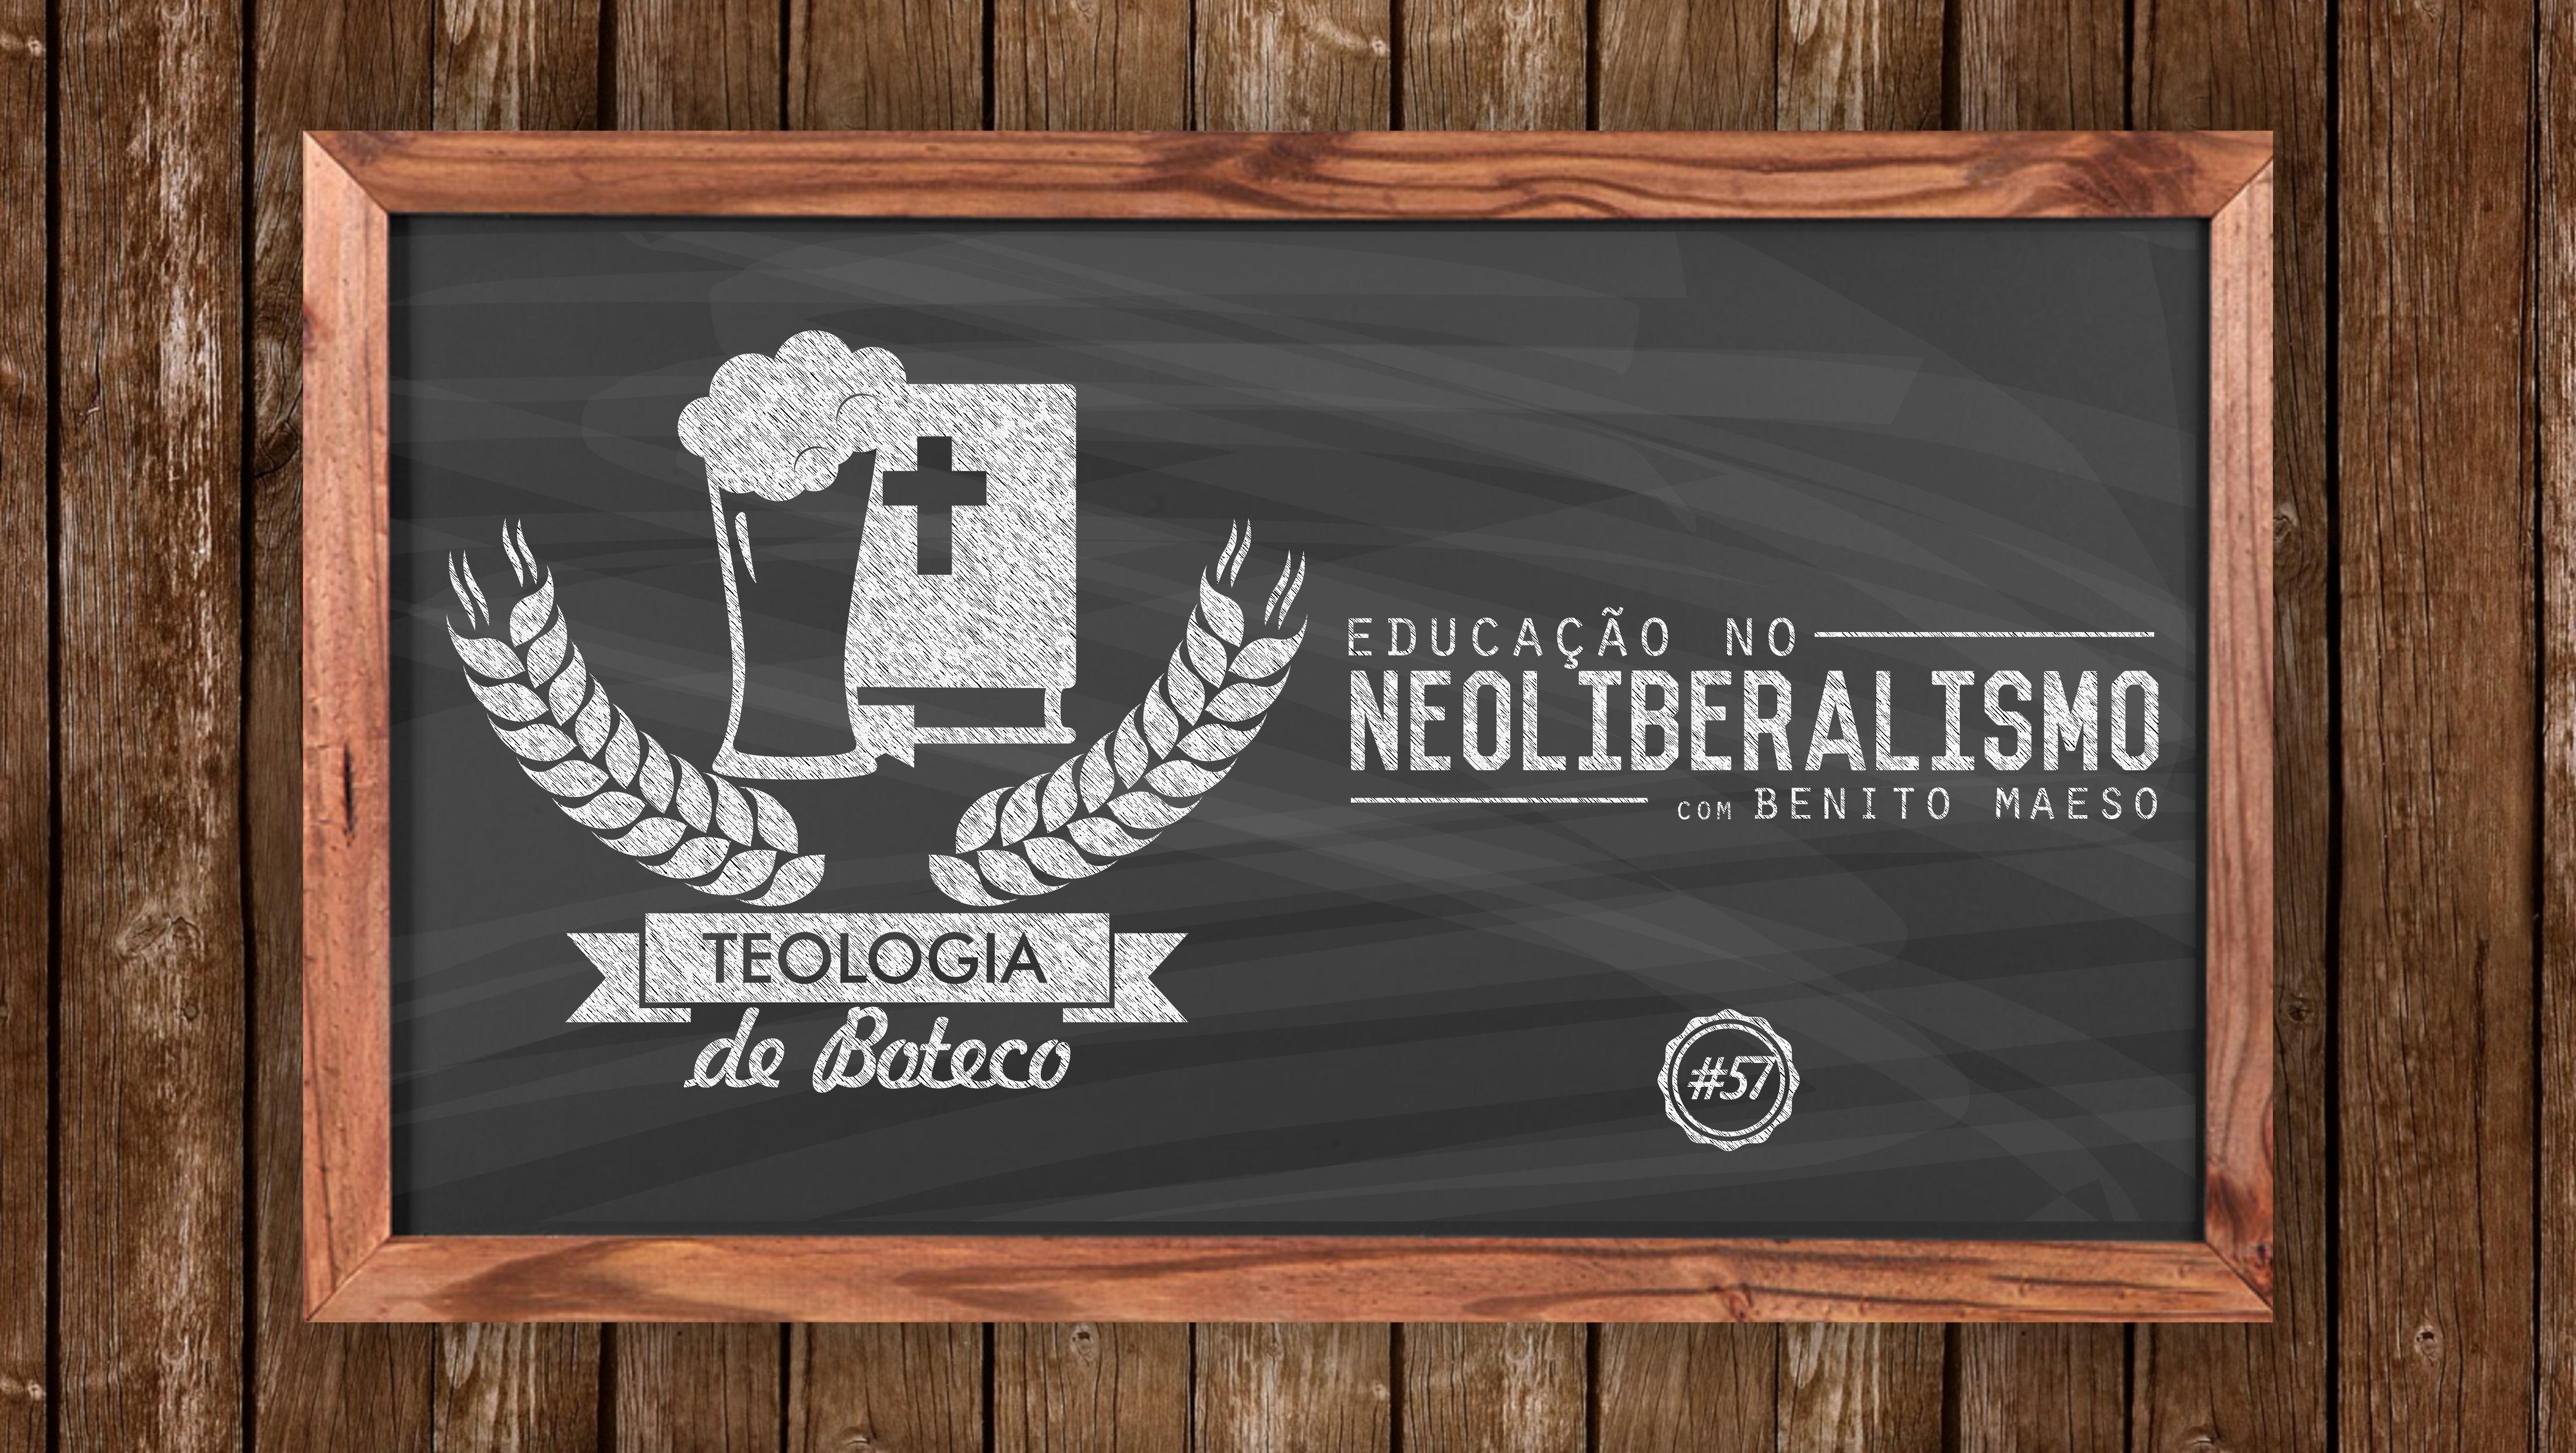 Teologia de Boteco 57 Educação no Neoliberalismo